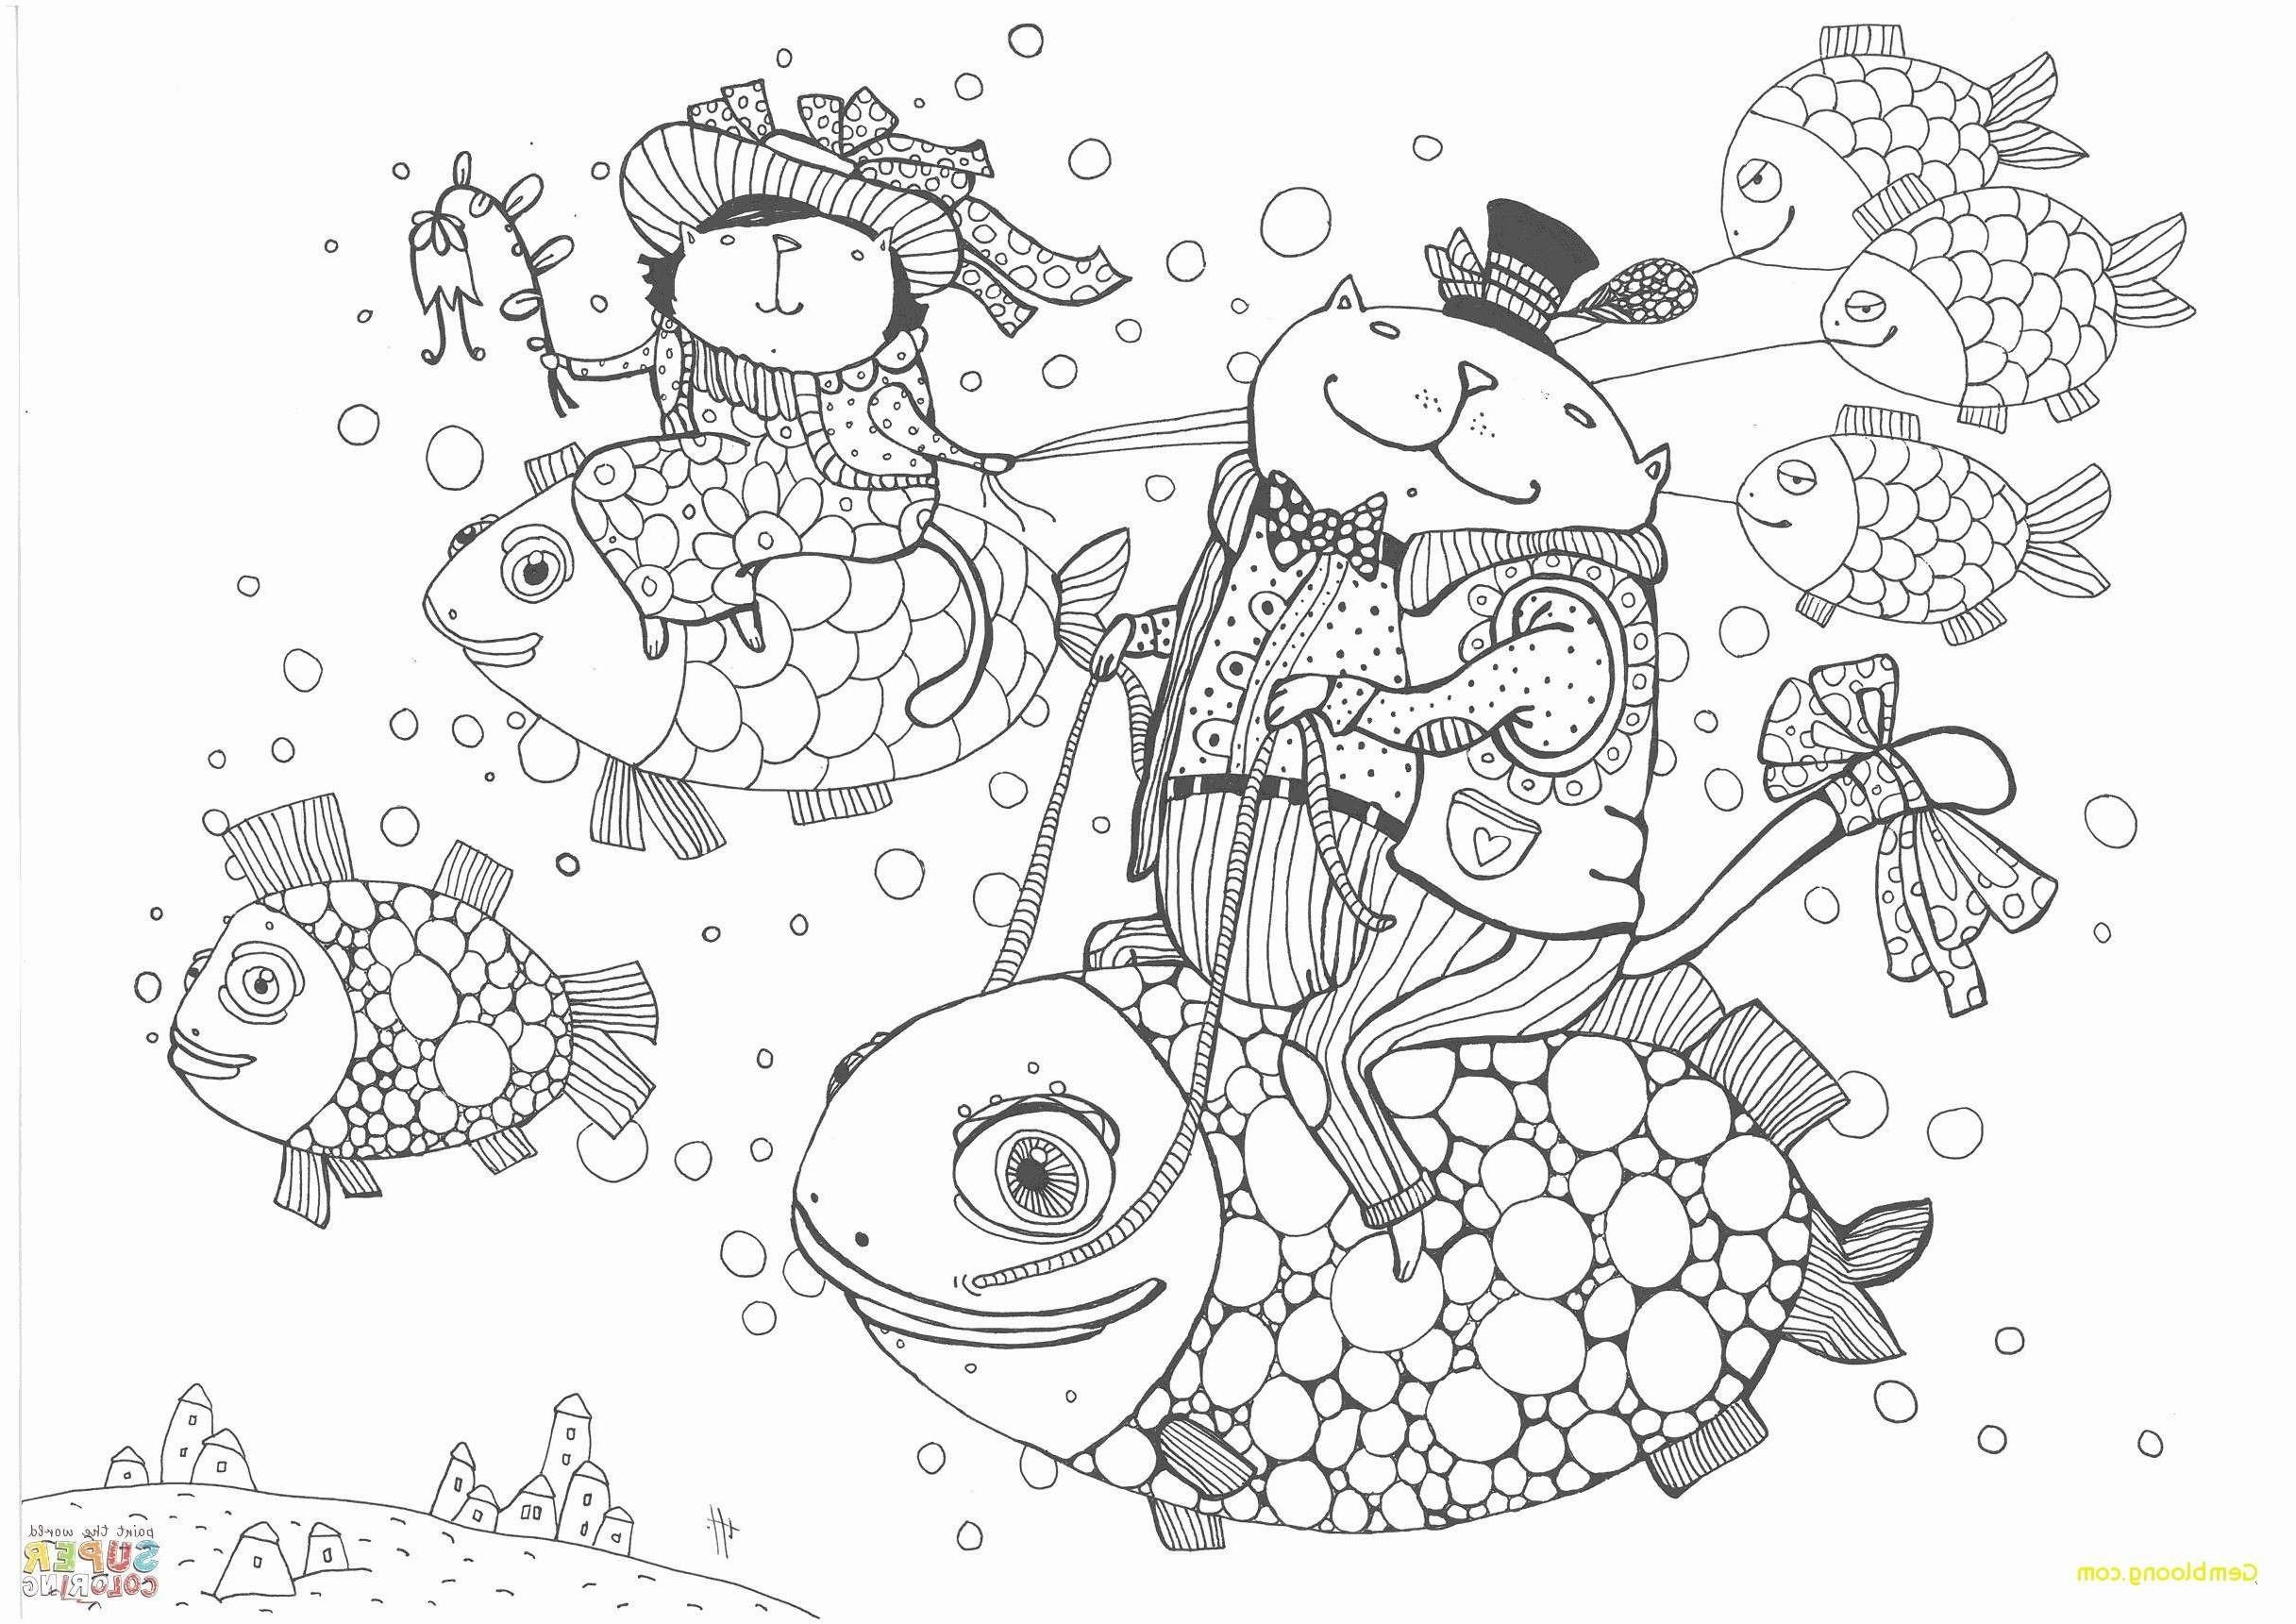 Bilder Zum Ausmalen Minions Neu 31 Fantastisch Malvorlagen Minions – Malvorlagen Ideen Stock